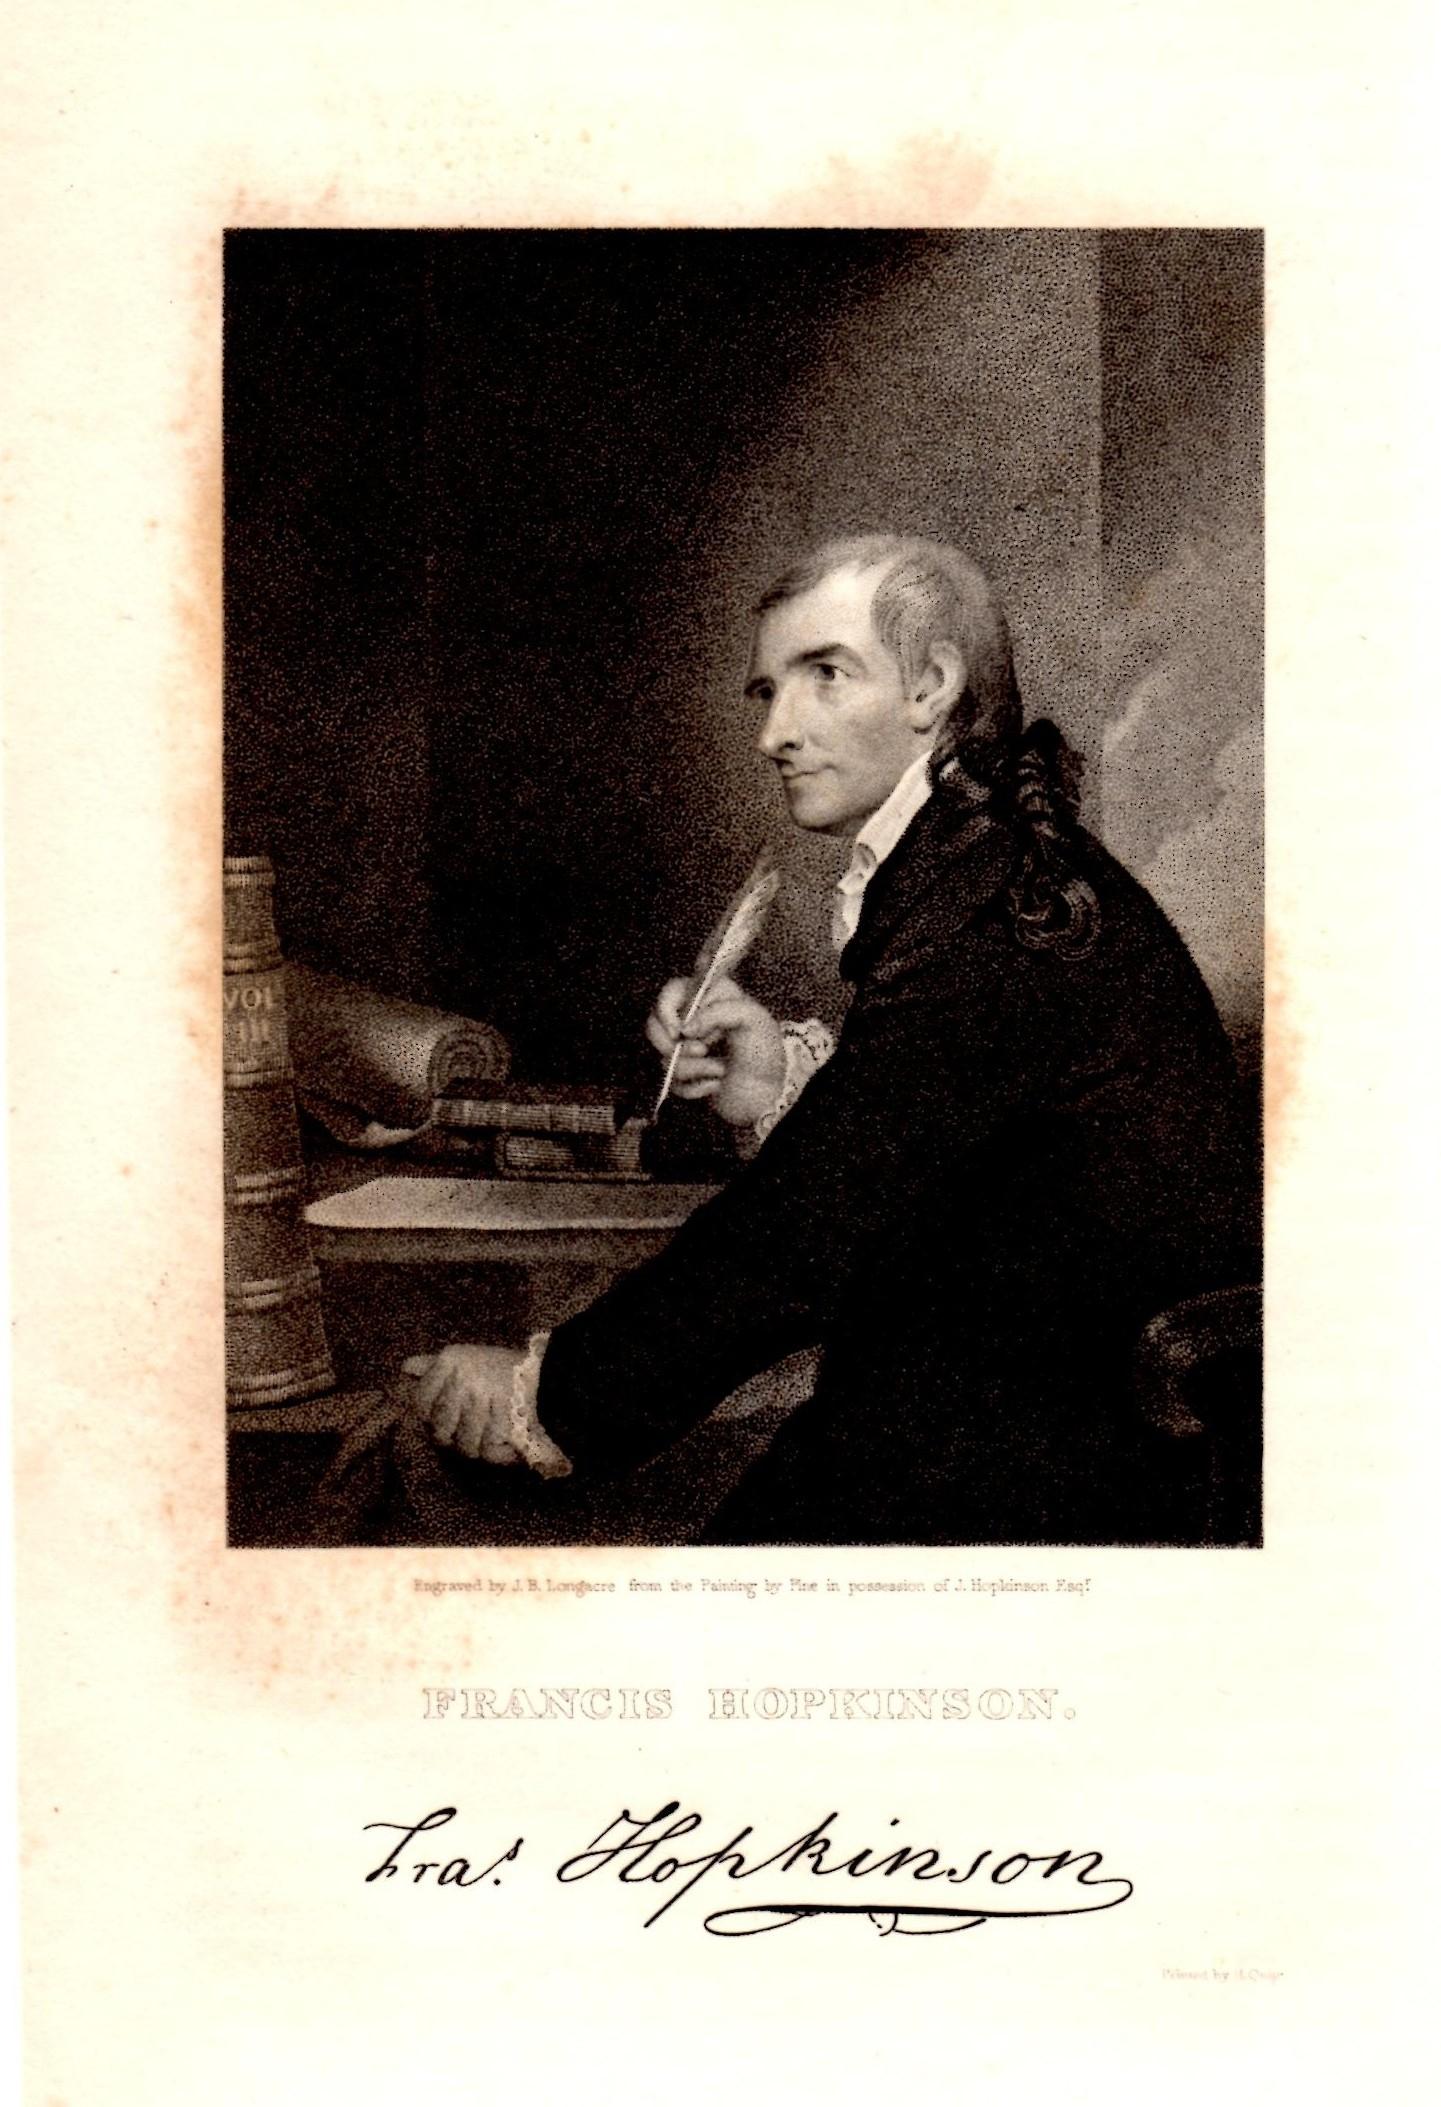 Hopkinson engraving portrait